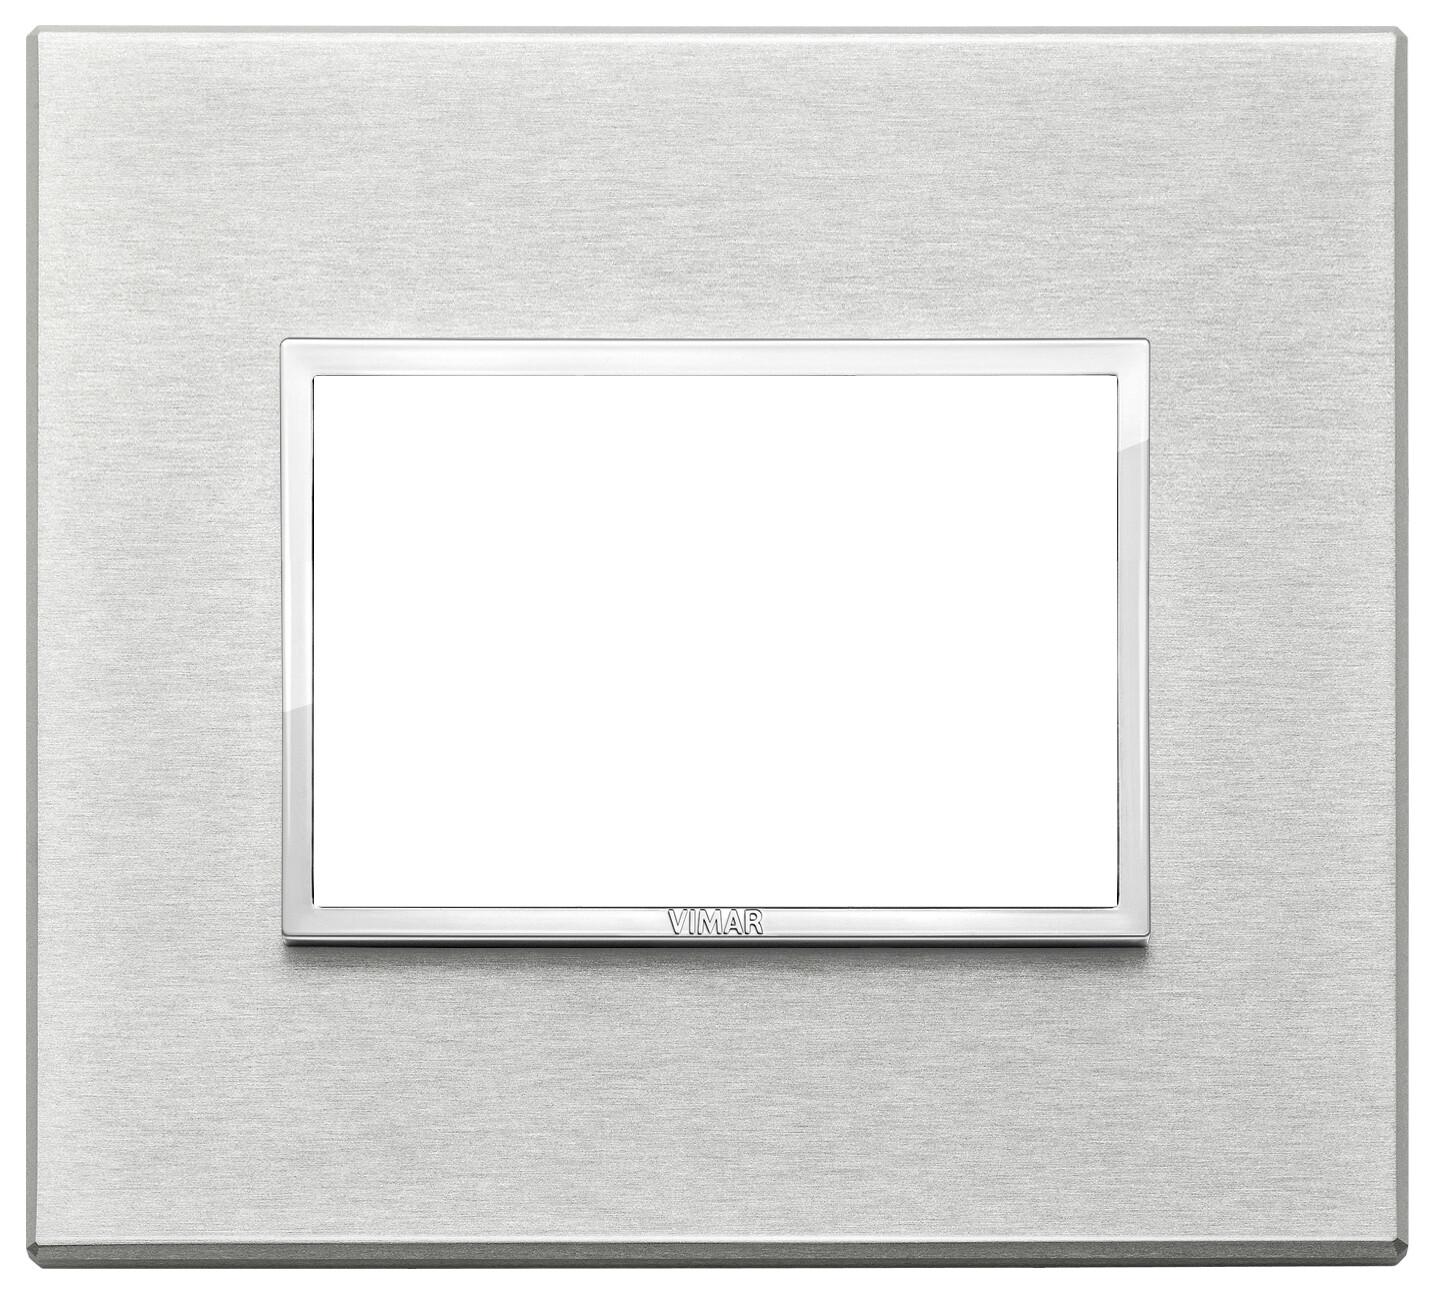 Накладка Evo на 3 модуля, серый серебристый